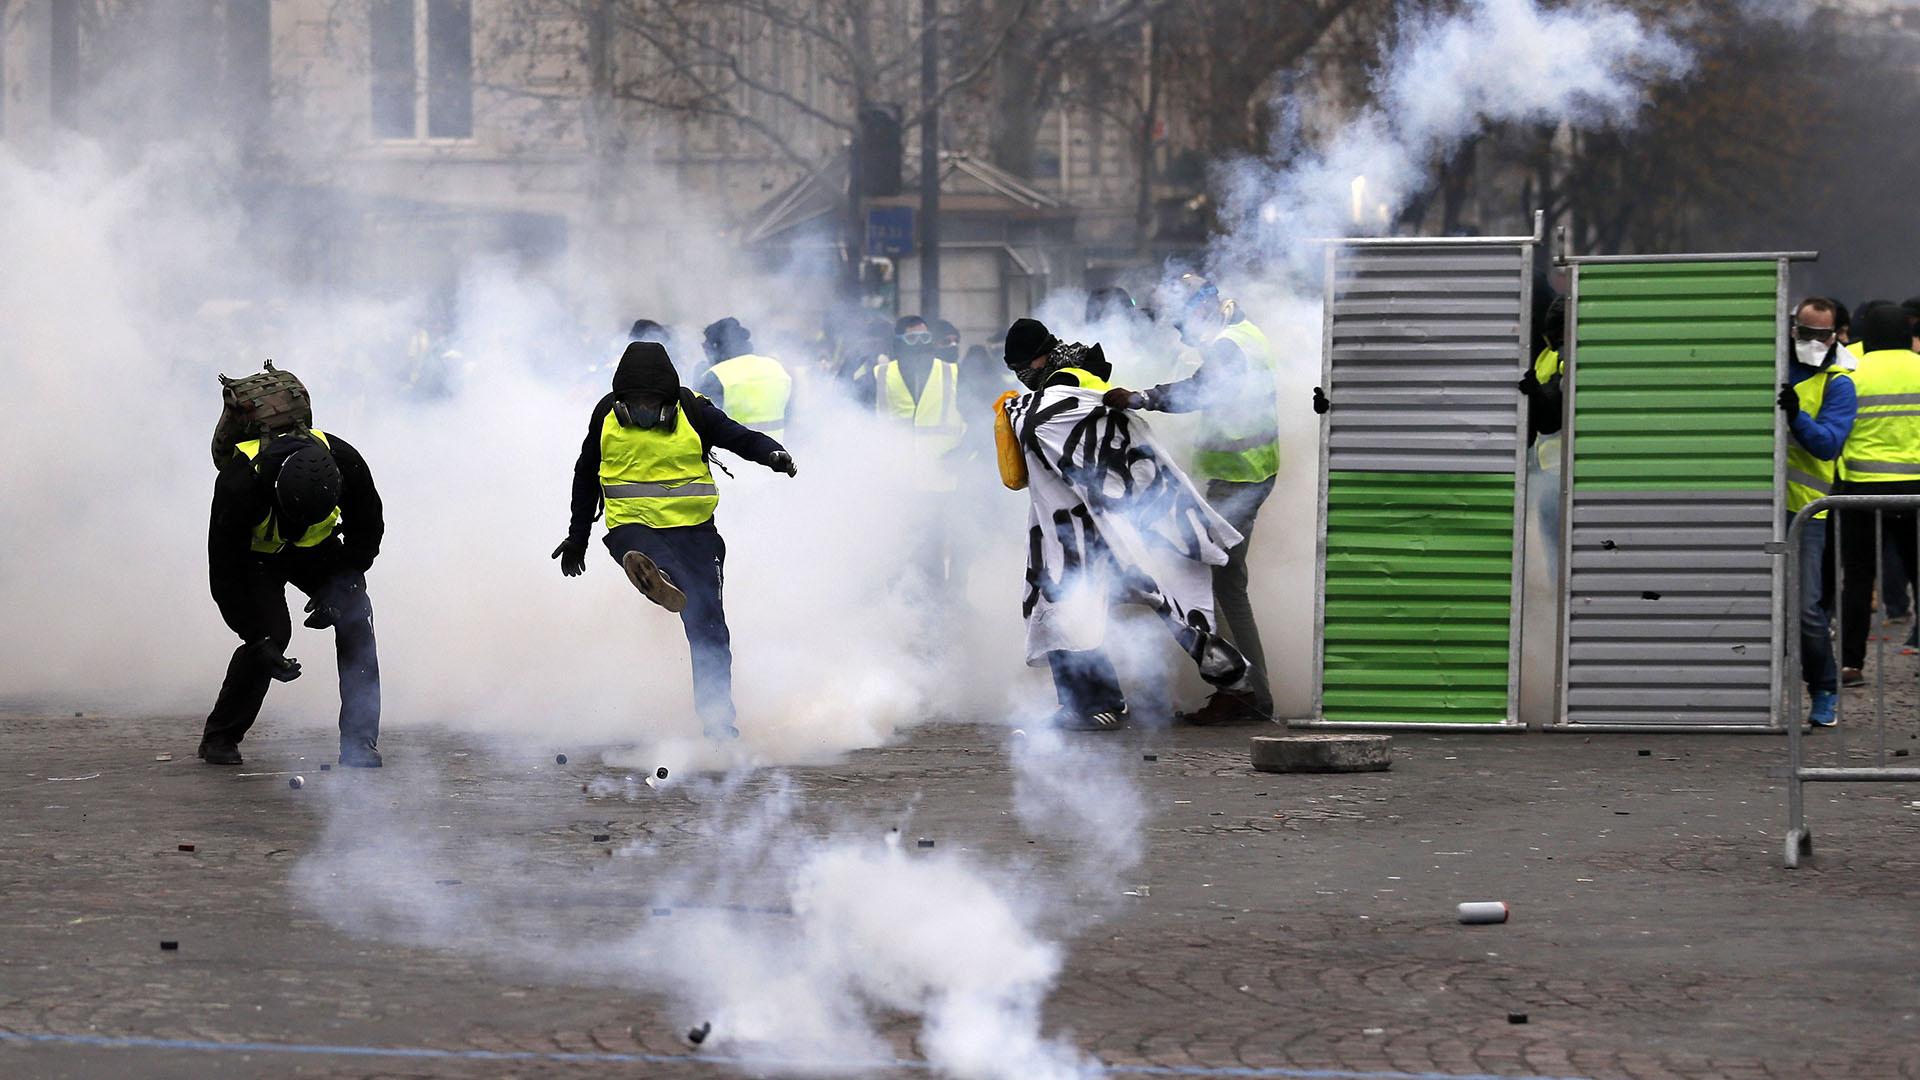 Unos 5.000 hombres han sido movilizados en la capital, donde están además previstas una manifestación del sindicato CGT y de estudiantes contra el alza de las inscripciones para estudiantes extranjeros (EFE/EPA/ETIENNE LAURENT)